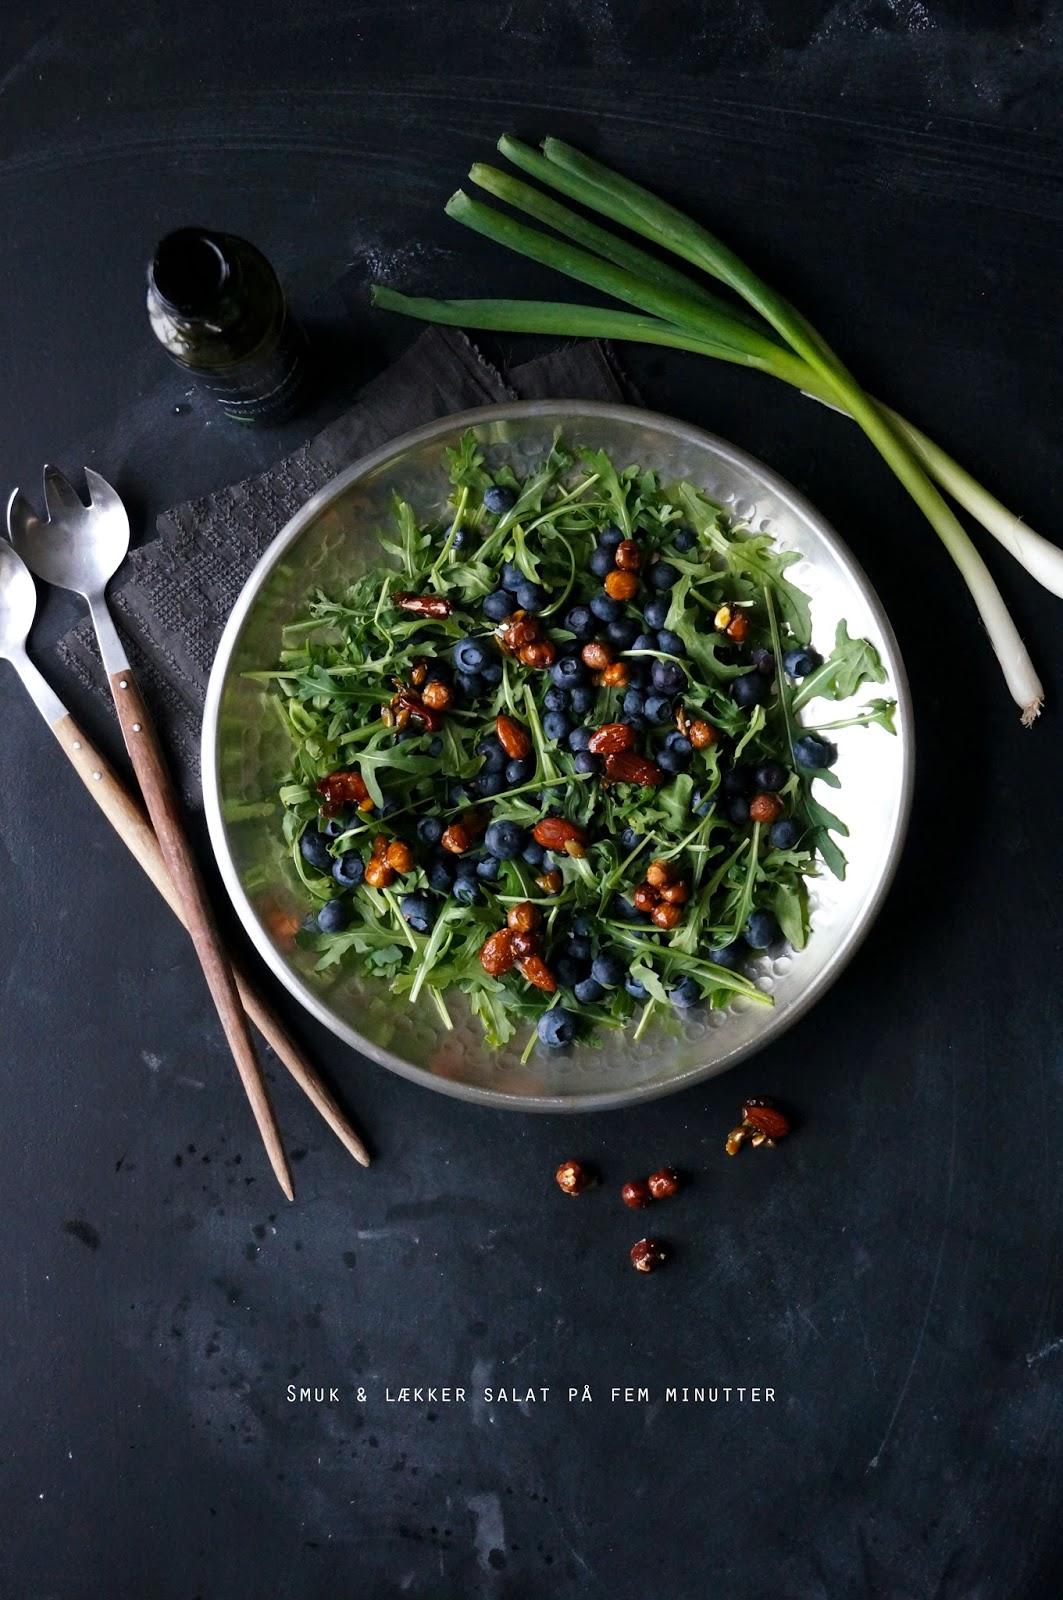 Nem salat med blåbær og glaserede nødder - mit livs kogebog